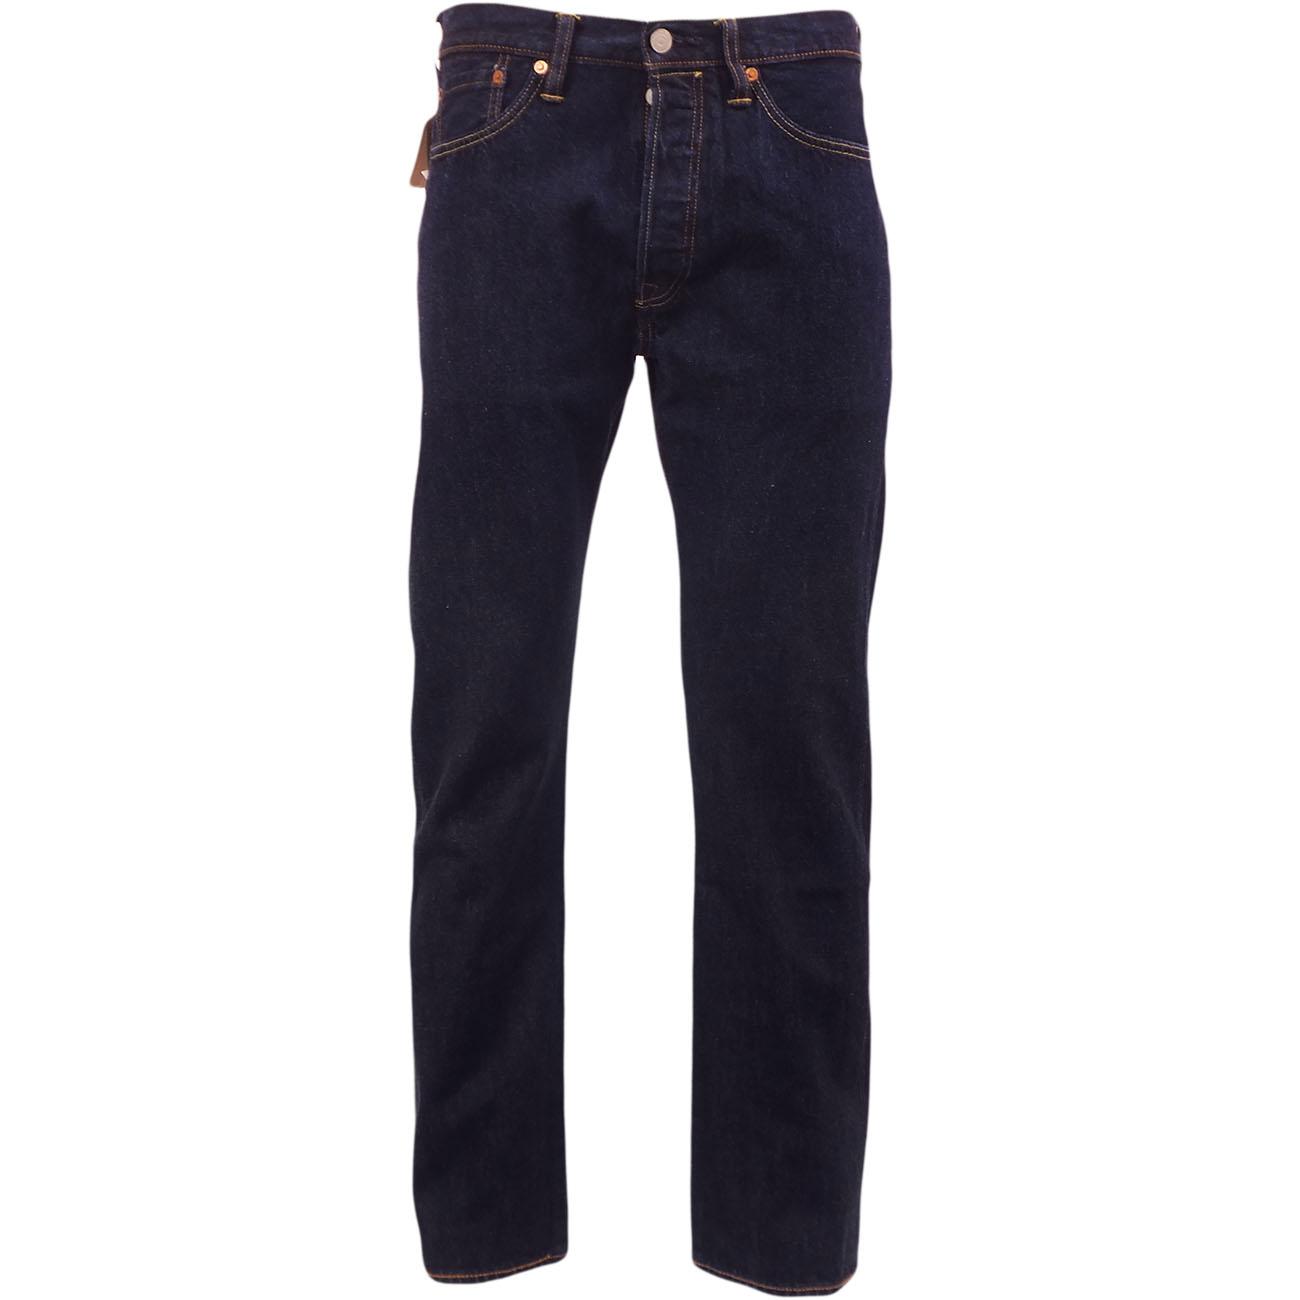 Para-Hombre-Levi-039-s-501-Denim-Jean-un-lavado-Indigo-Azul-Oscuro-Nuevo-Y-Original-Levi-Strauss